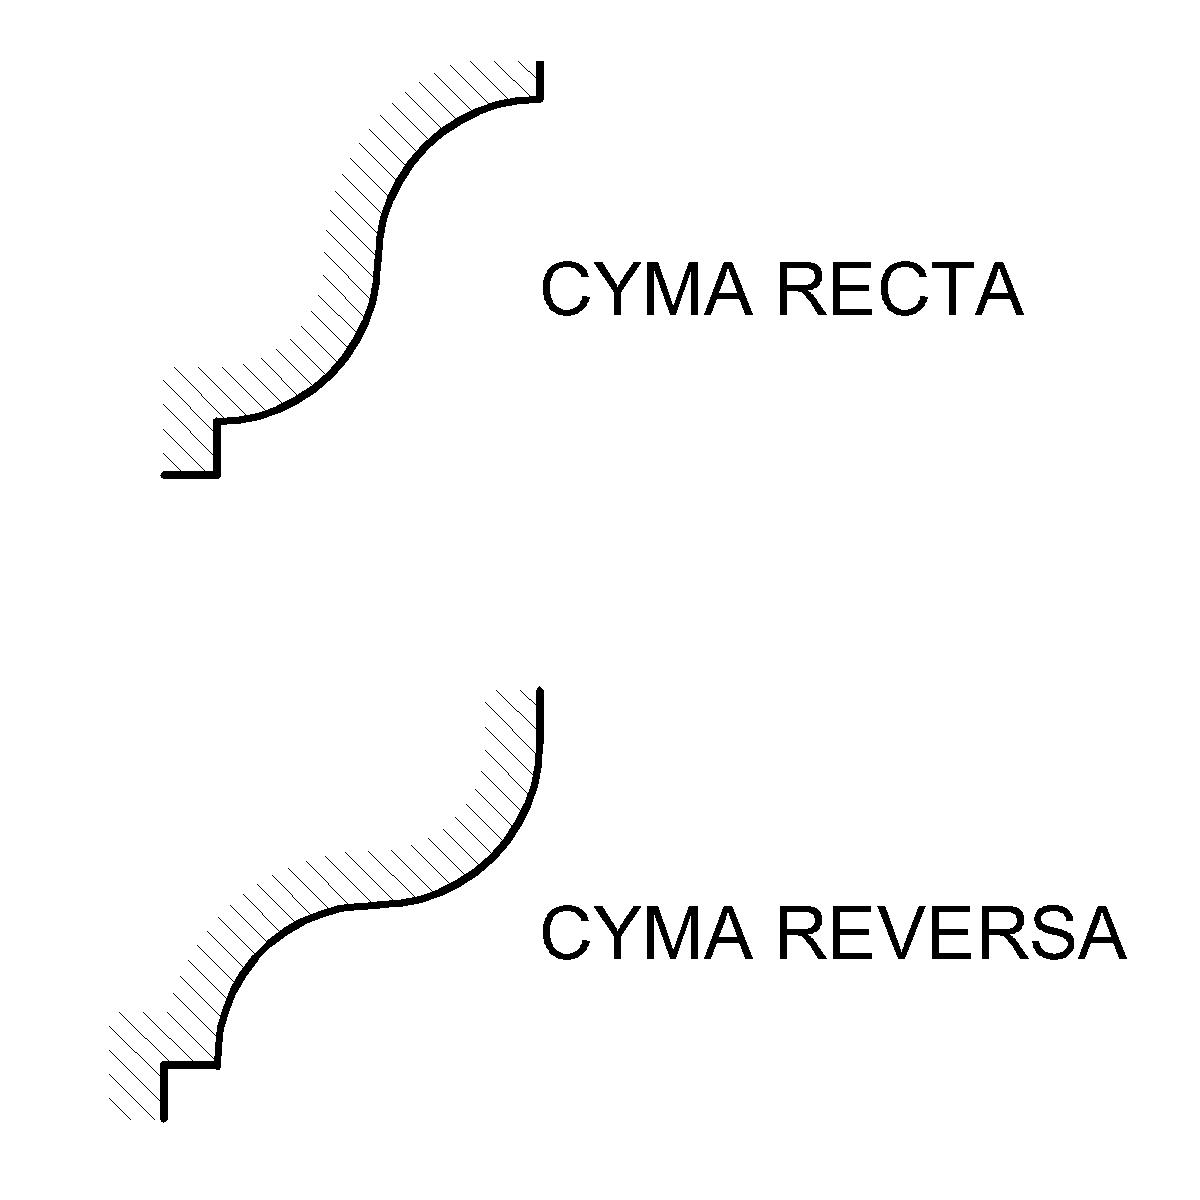 Cyma_recta_et_reversa.png